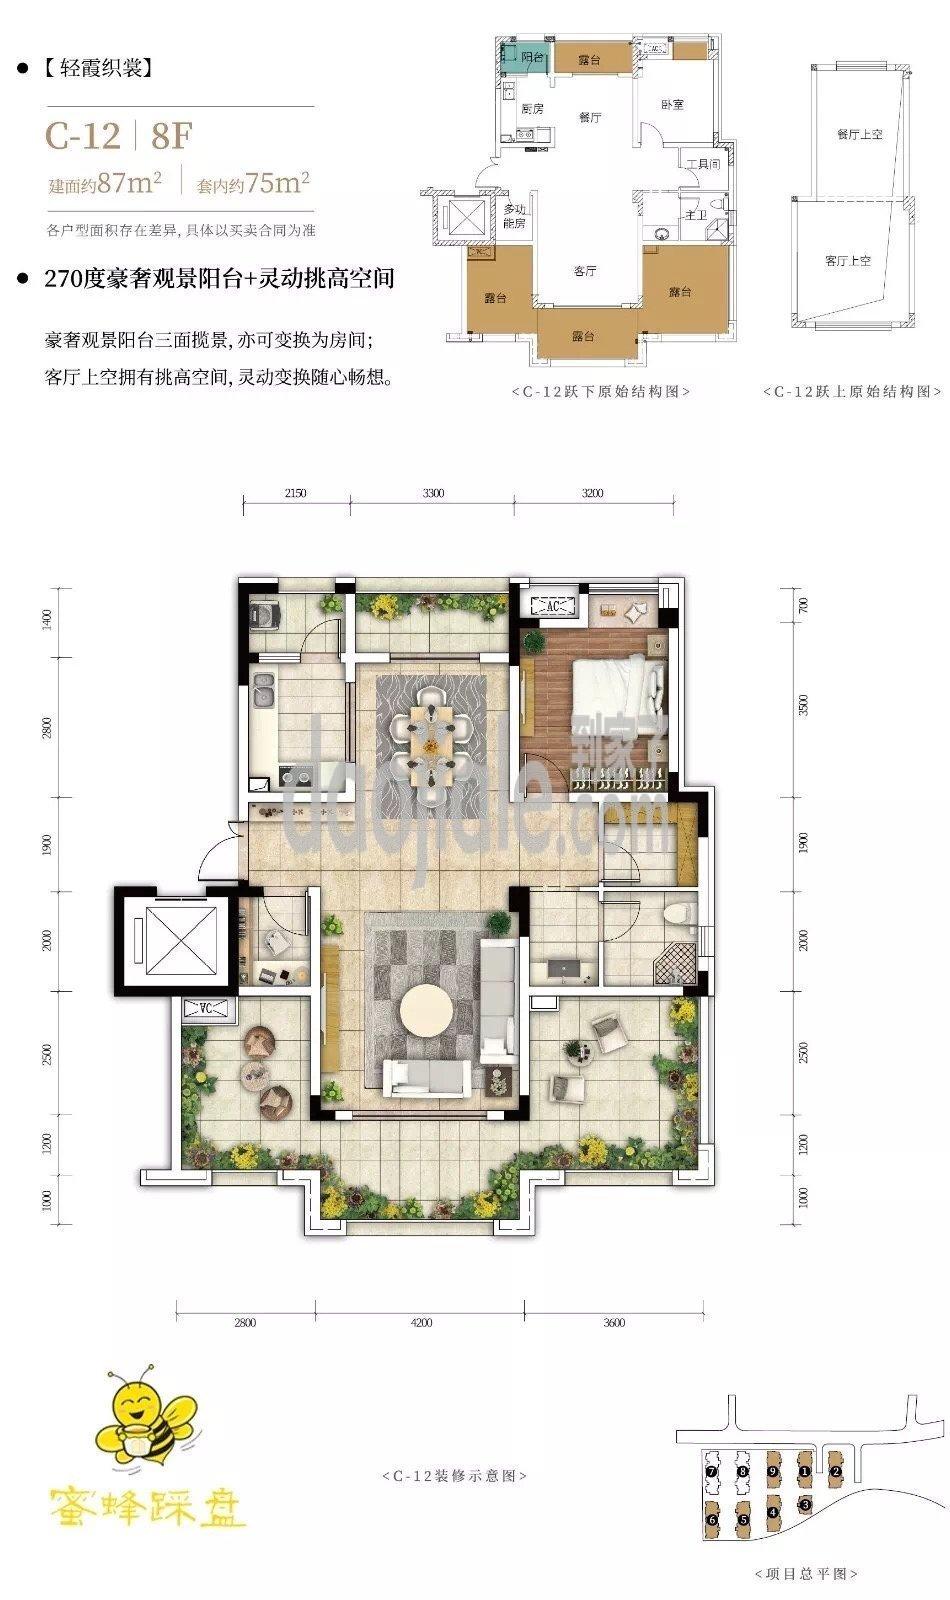 渝北区两江新区北大资源悦来新房C-12户型户型图